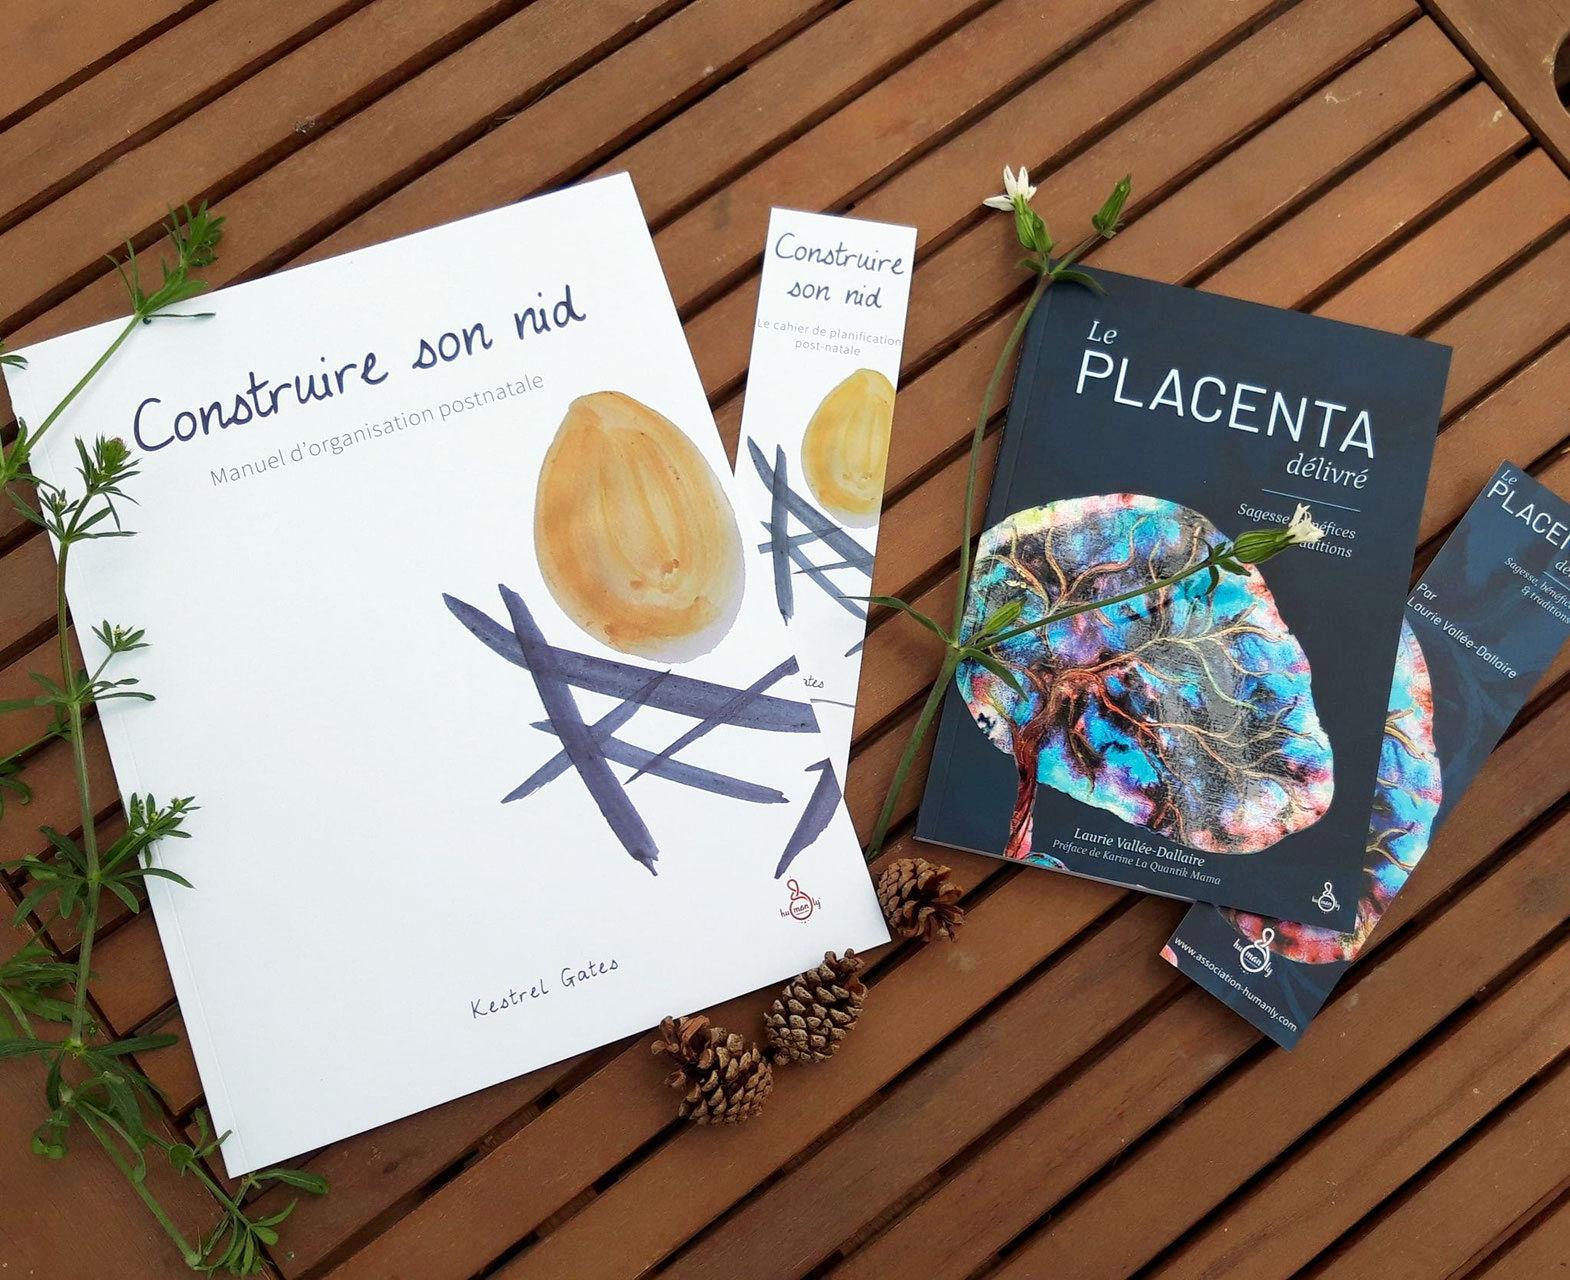 couvertures des livres sur le placenta et le postnatale